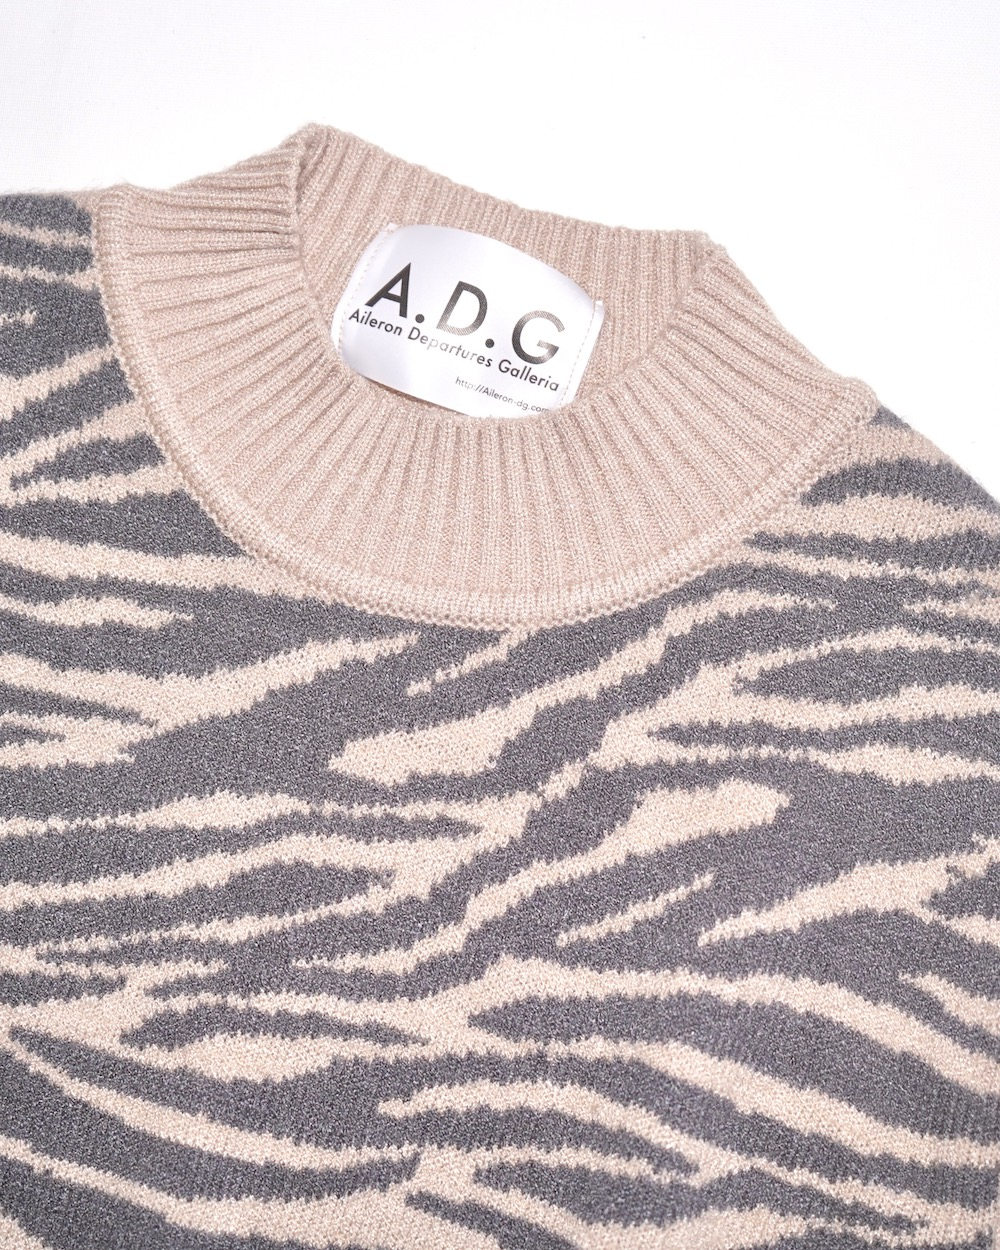 Zebra Pattern Mock Neck Knit Sweater (light beige)